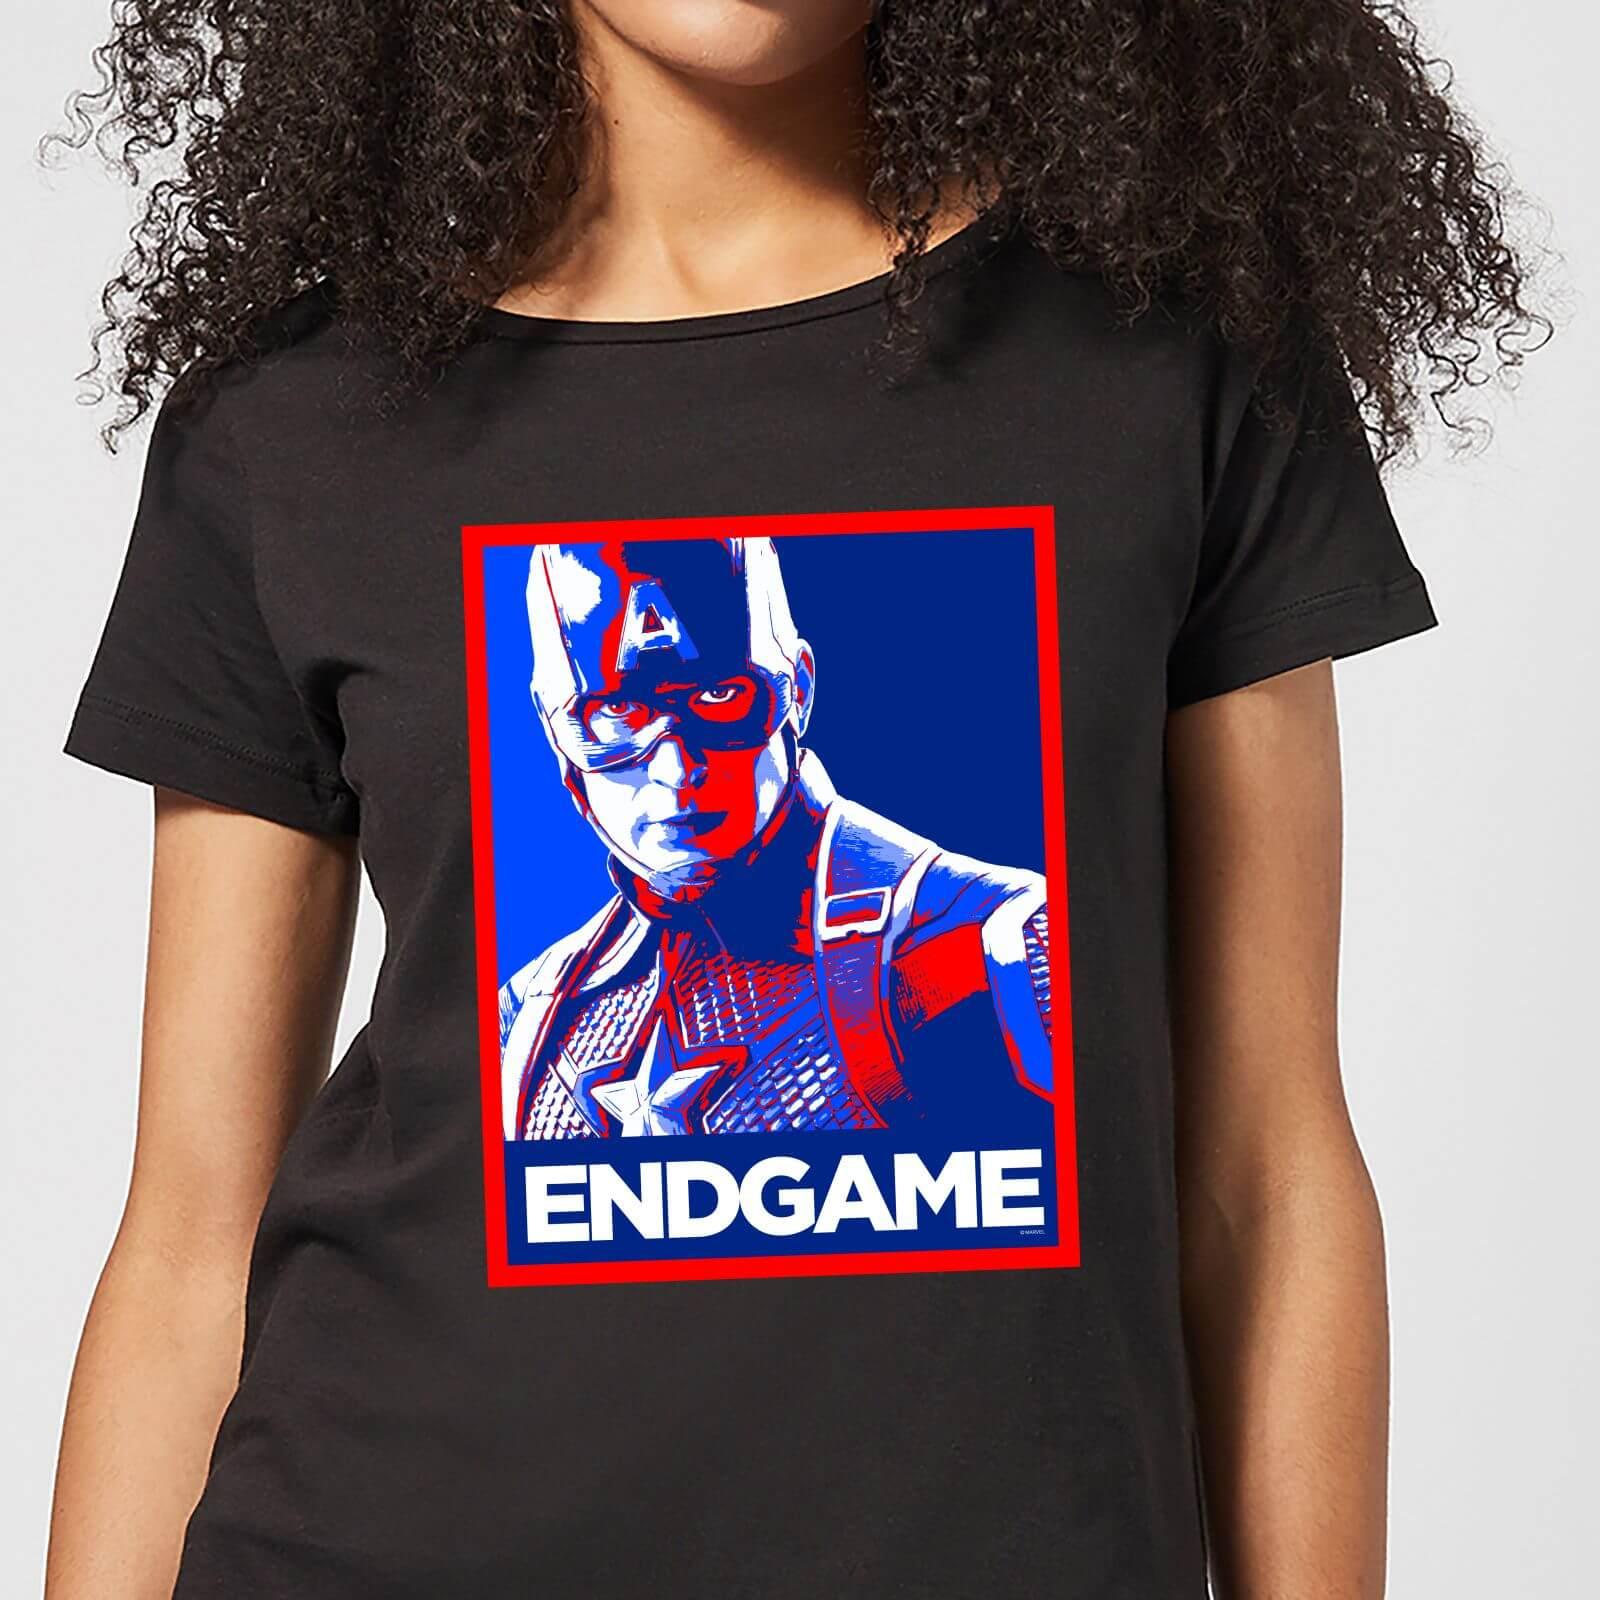 Marvel Avengers Endgame Captain America Poster Women's T-Shirt - Black - L - Black